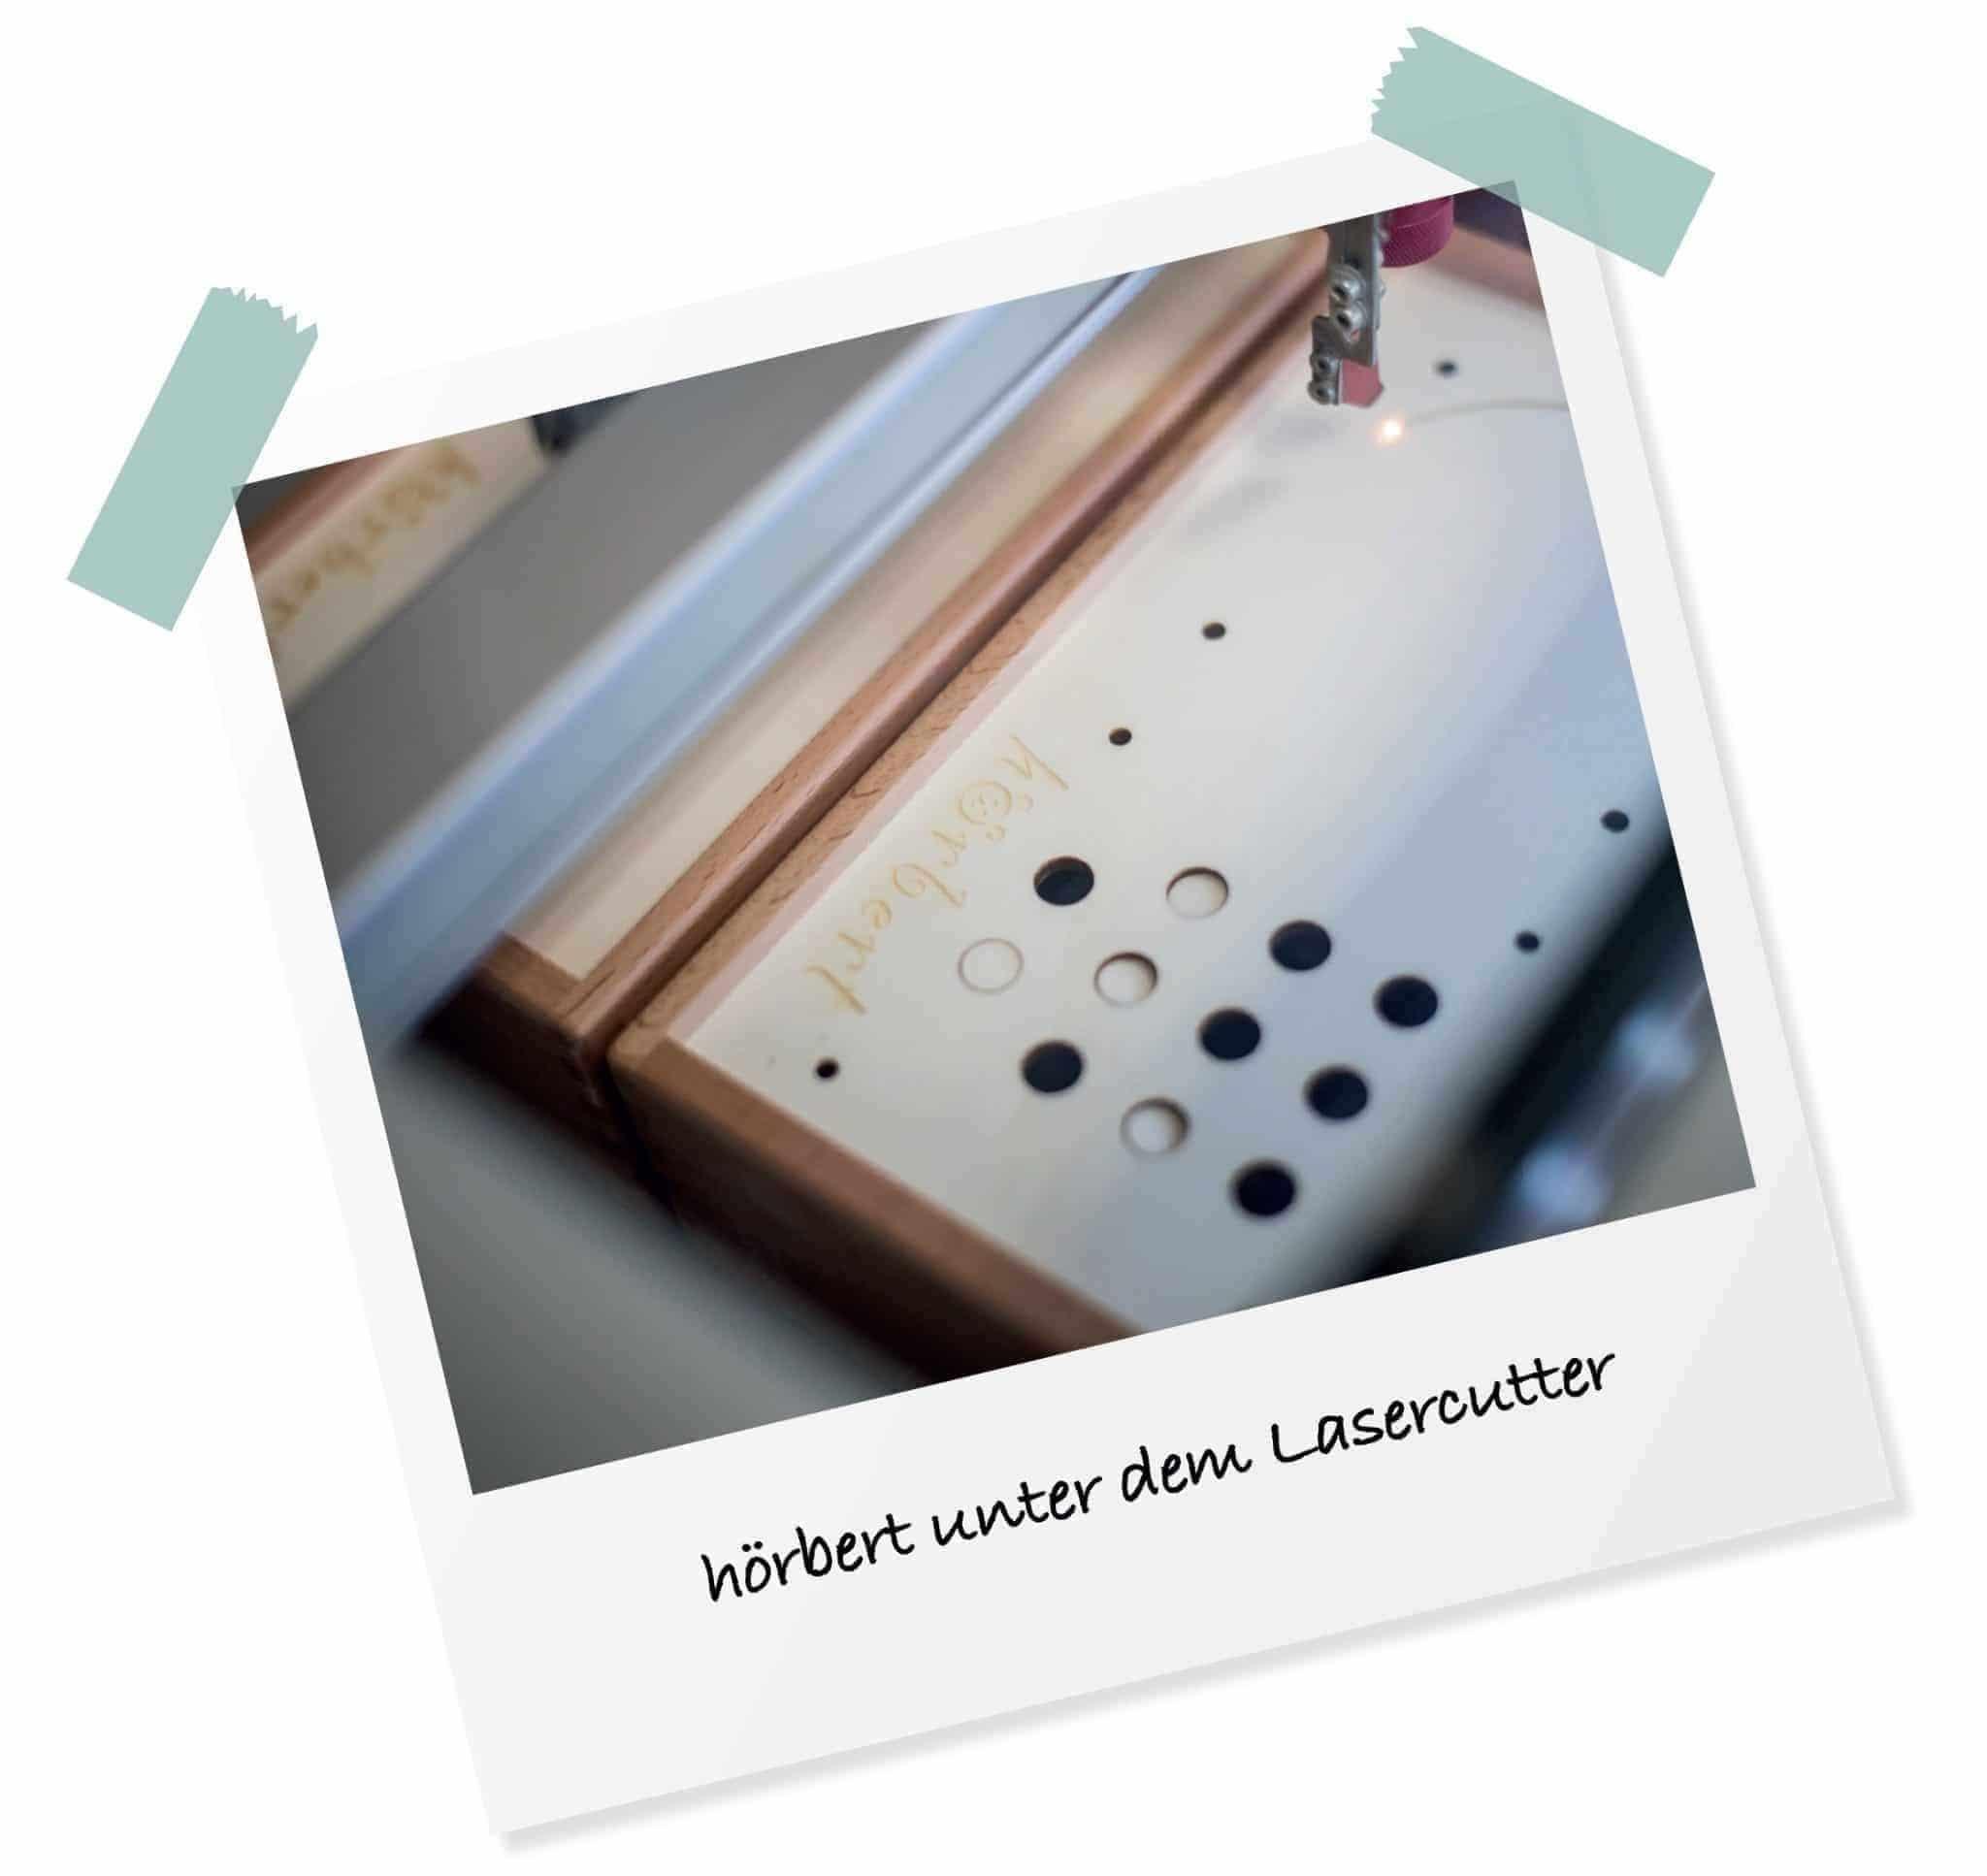 Lasercutter schneidet Holz